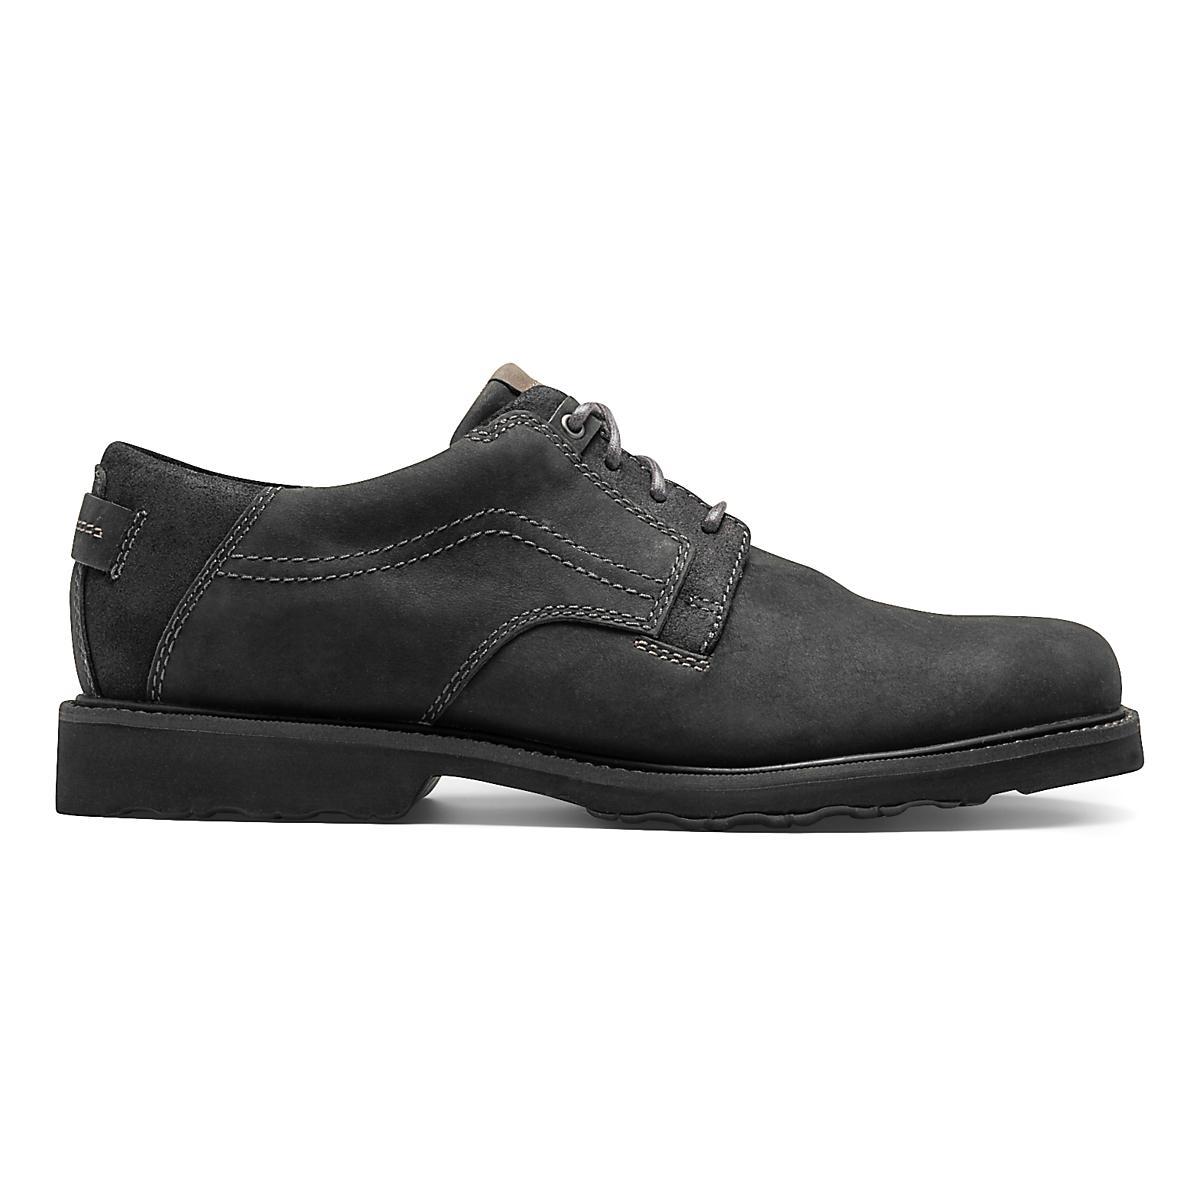 Dunham S Trail Shoes